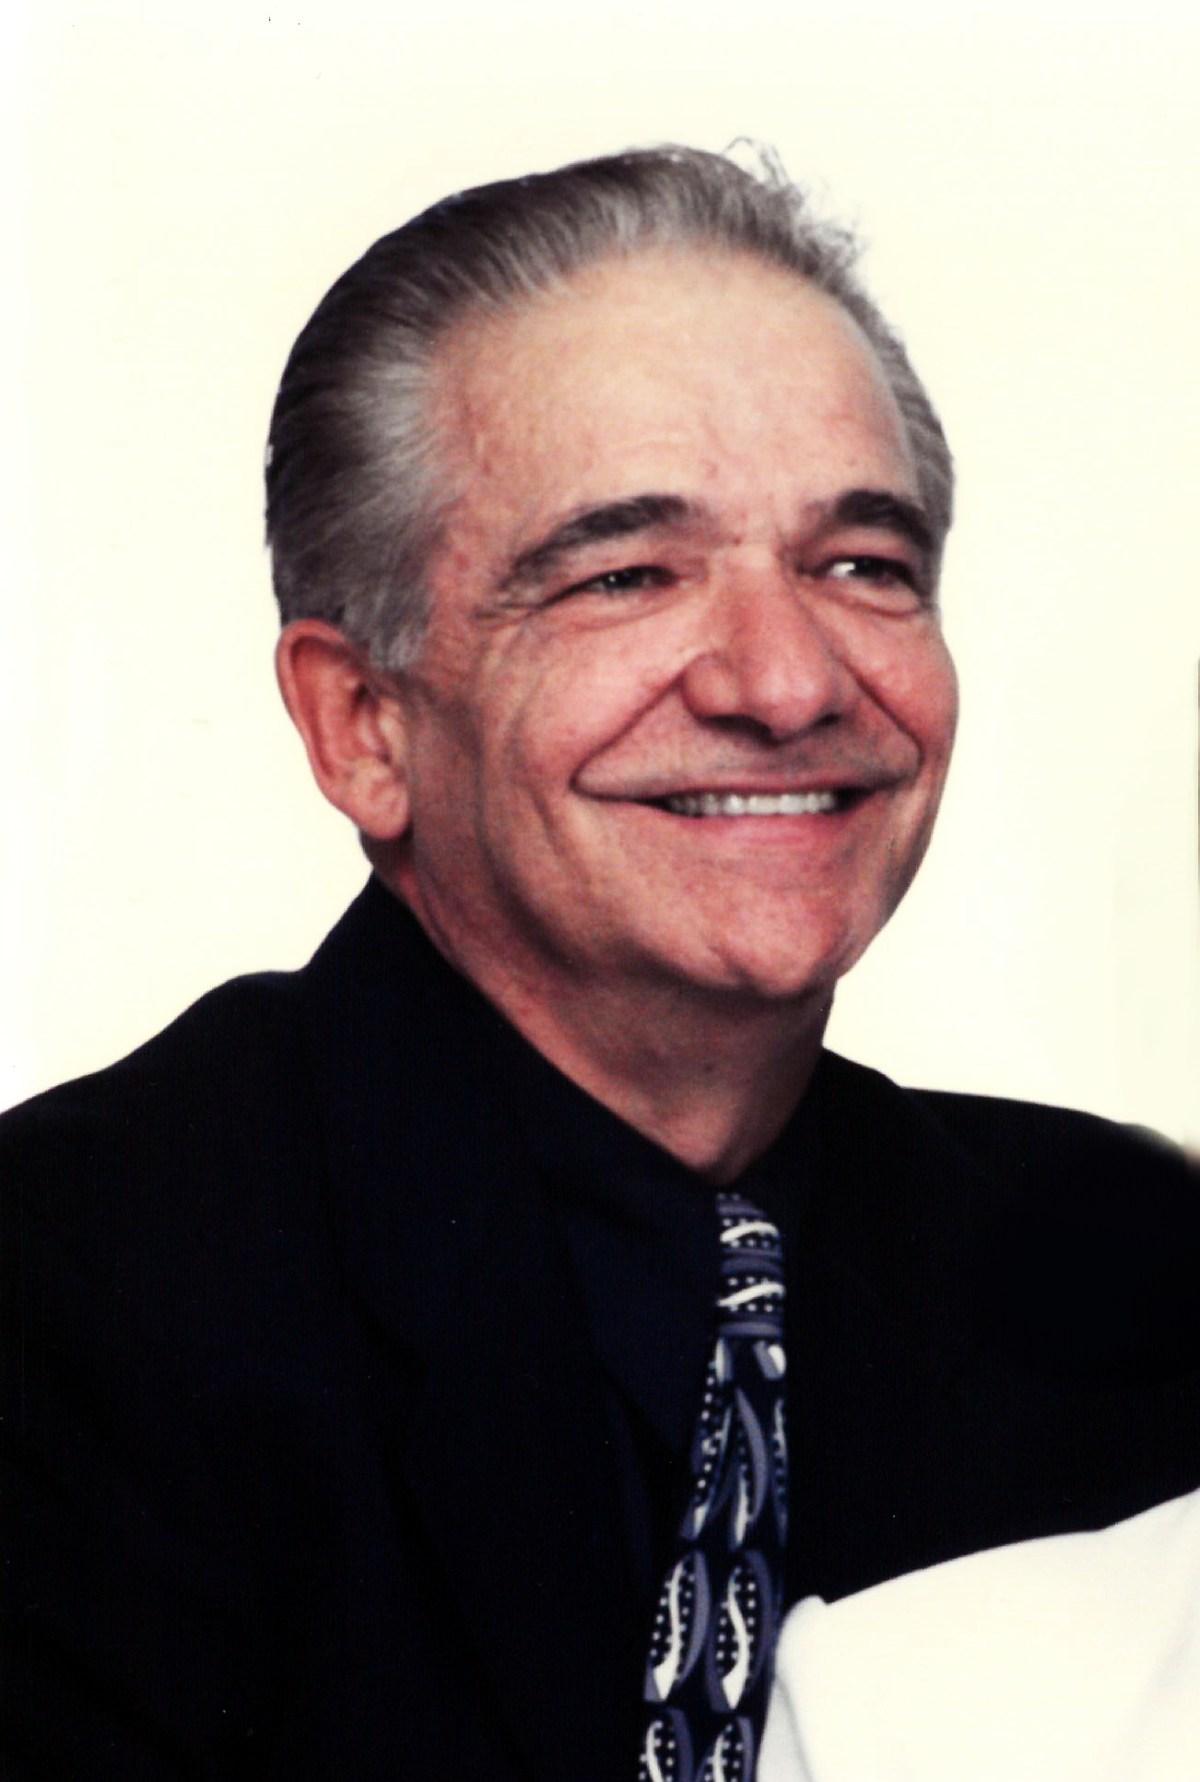 Obituary: Edward Henry Schiefel Enjoyed Technology